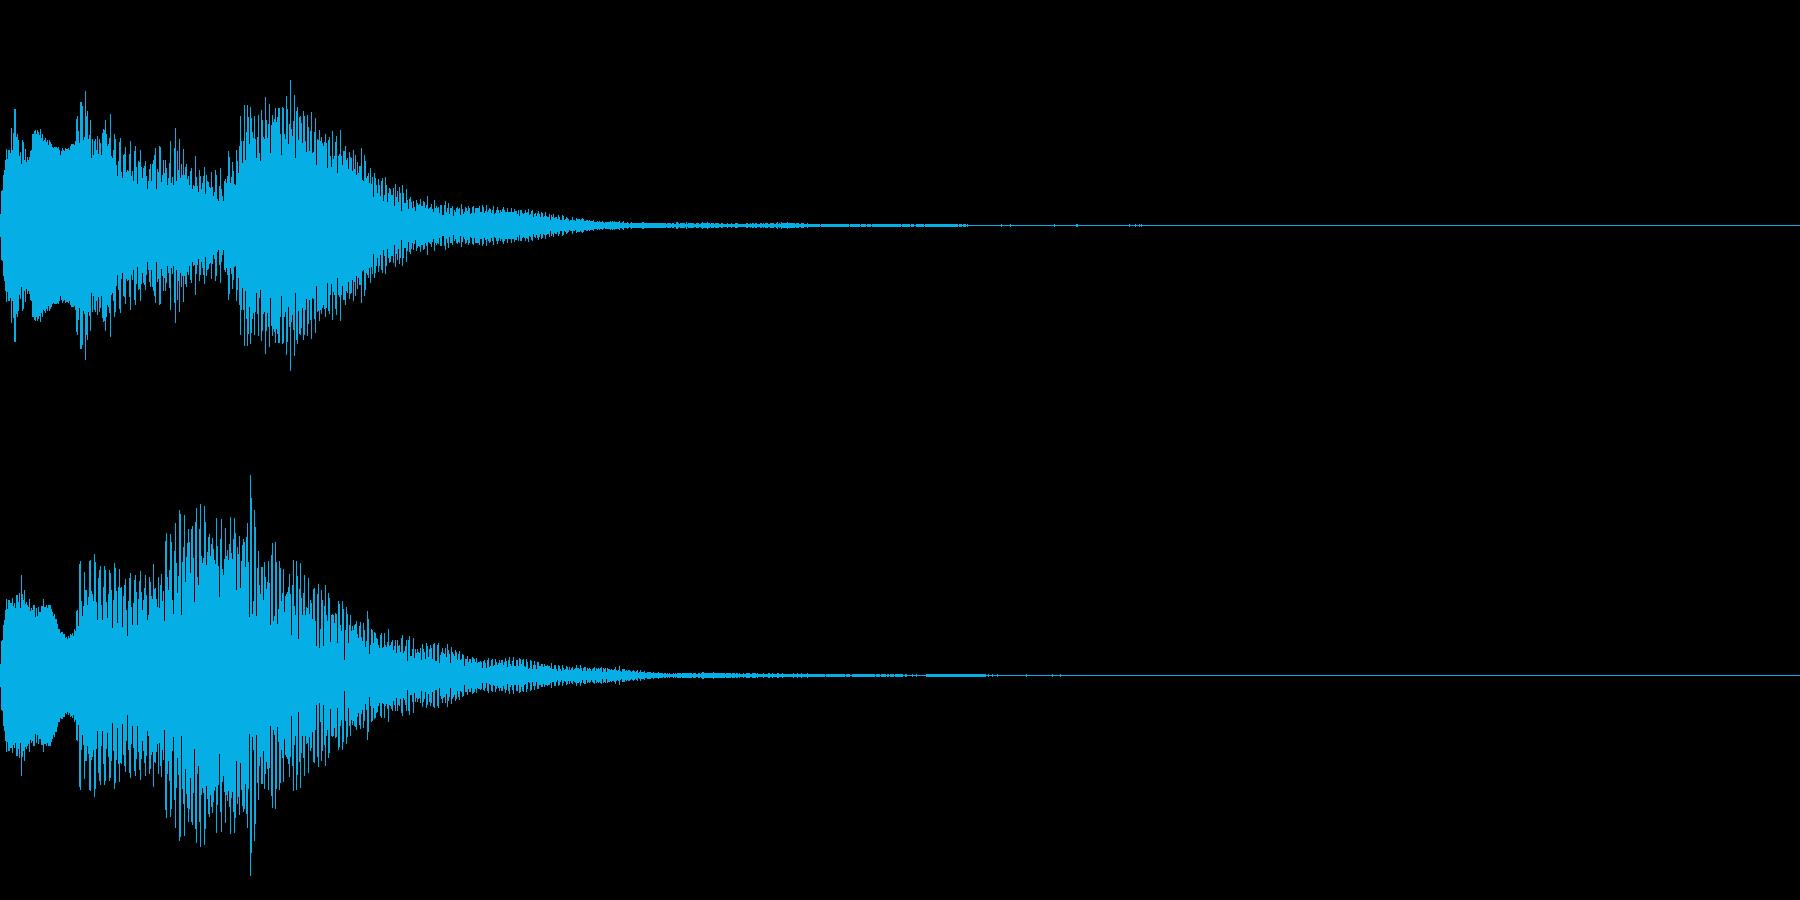 ミステリアスな音 怪しい音 不可解 の再生済みの波形